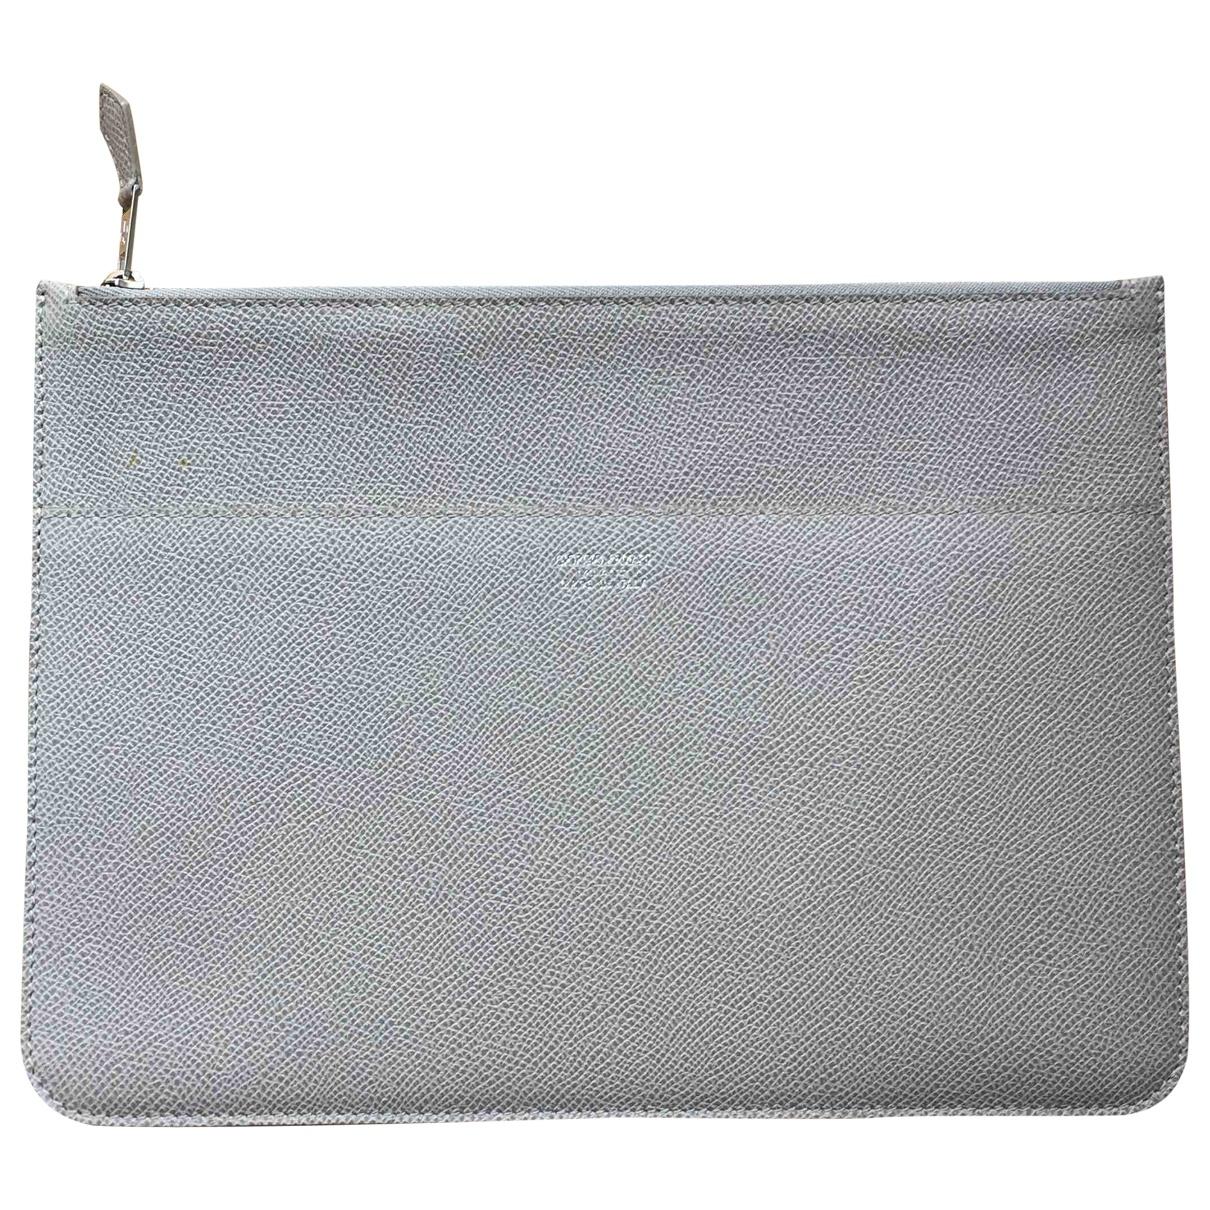 Giorgio Armani - Pochette   pour femme en cuir - gris